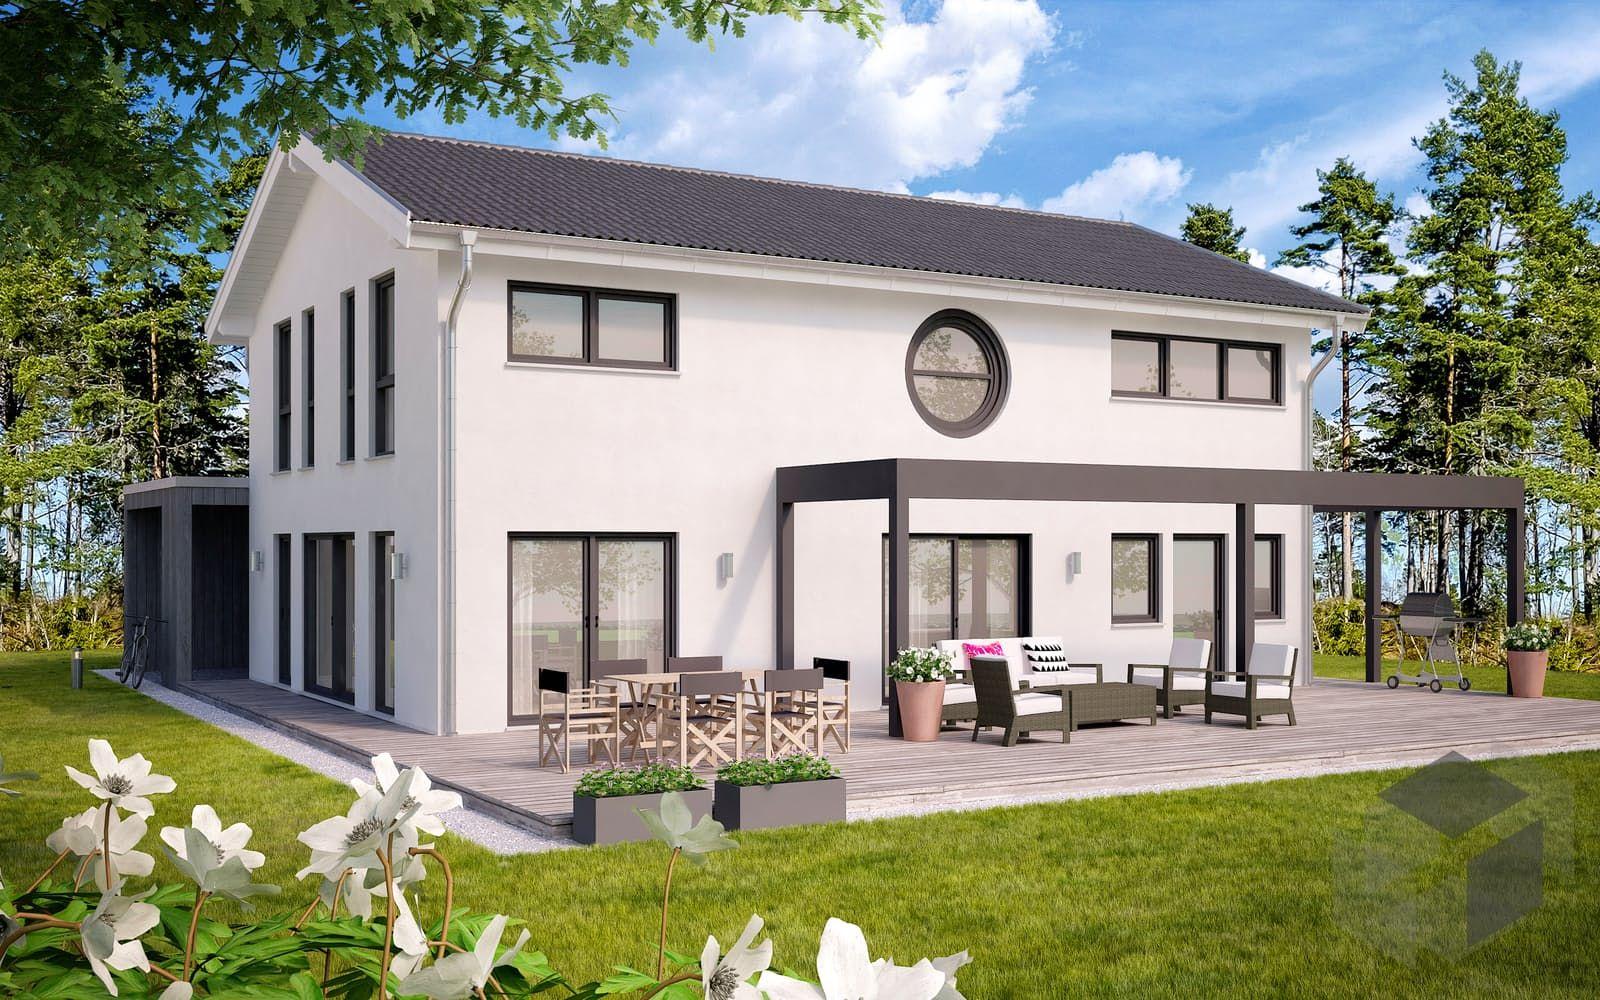 High Quality Bildergebnis Für Fassadengestaltung Einfamilienhaus Modern   Fassade    Pinterest   Searching